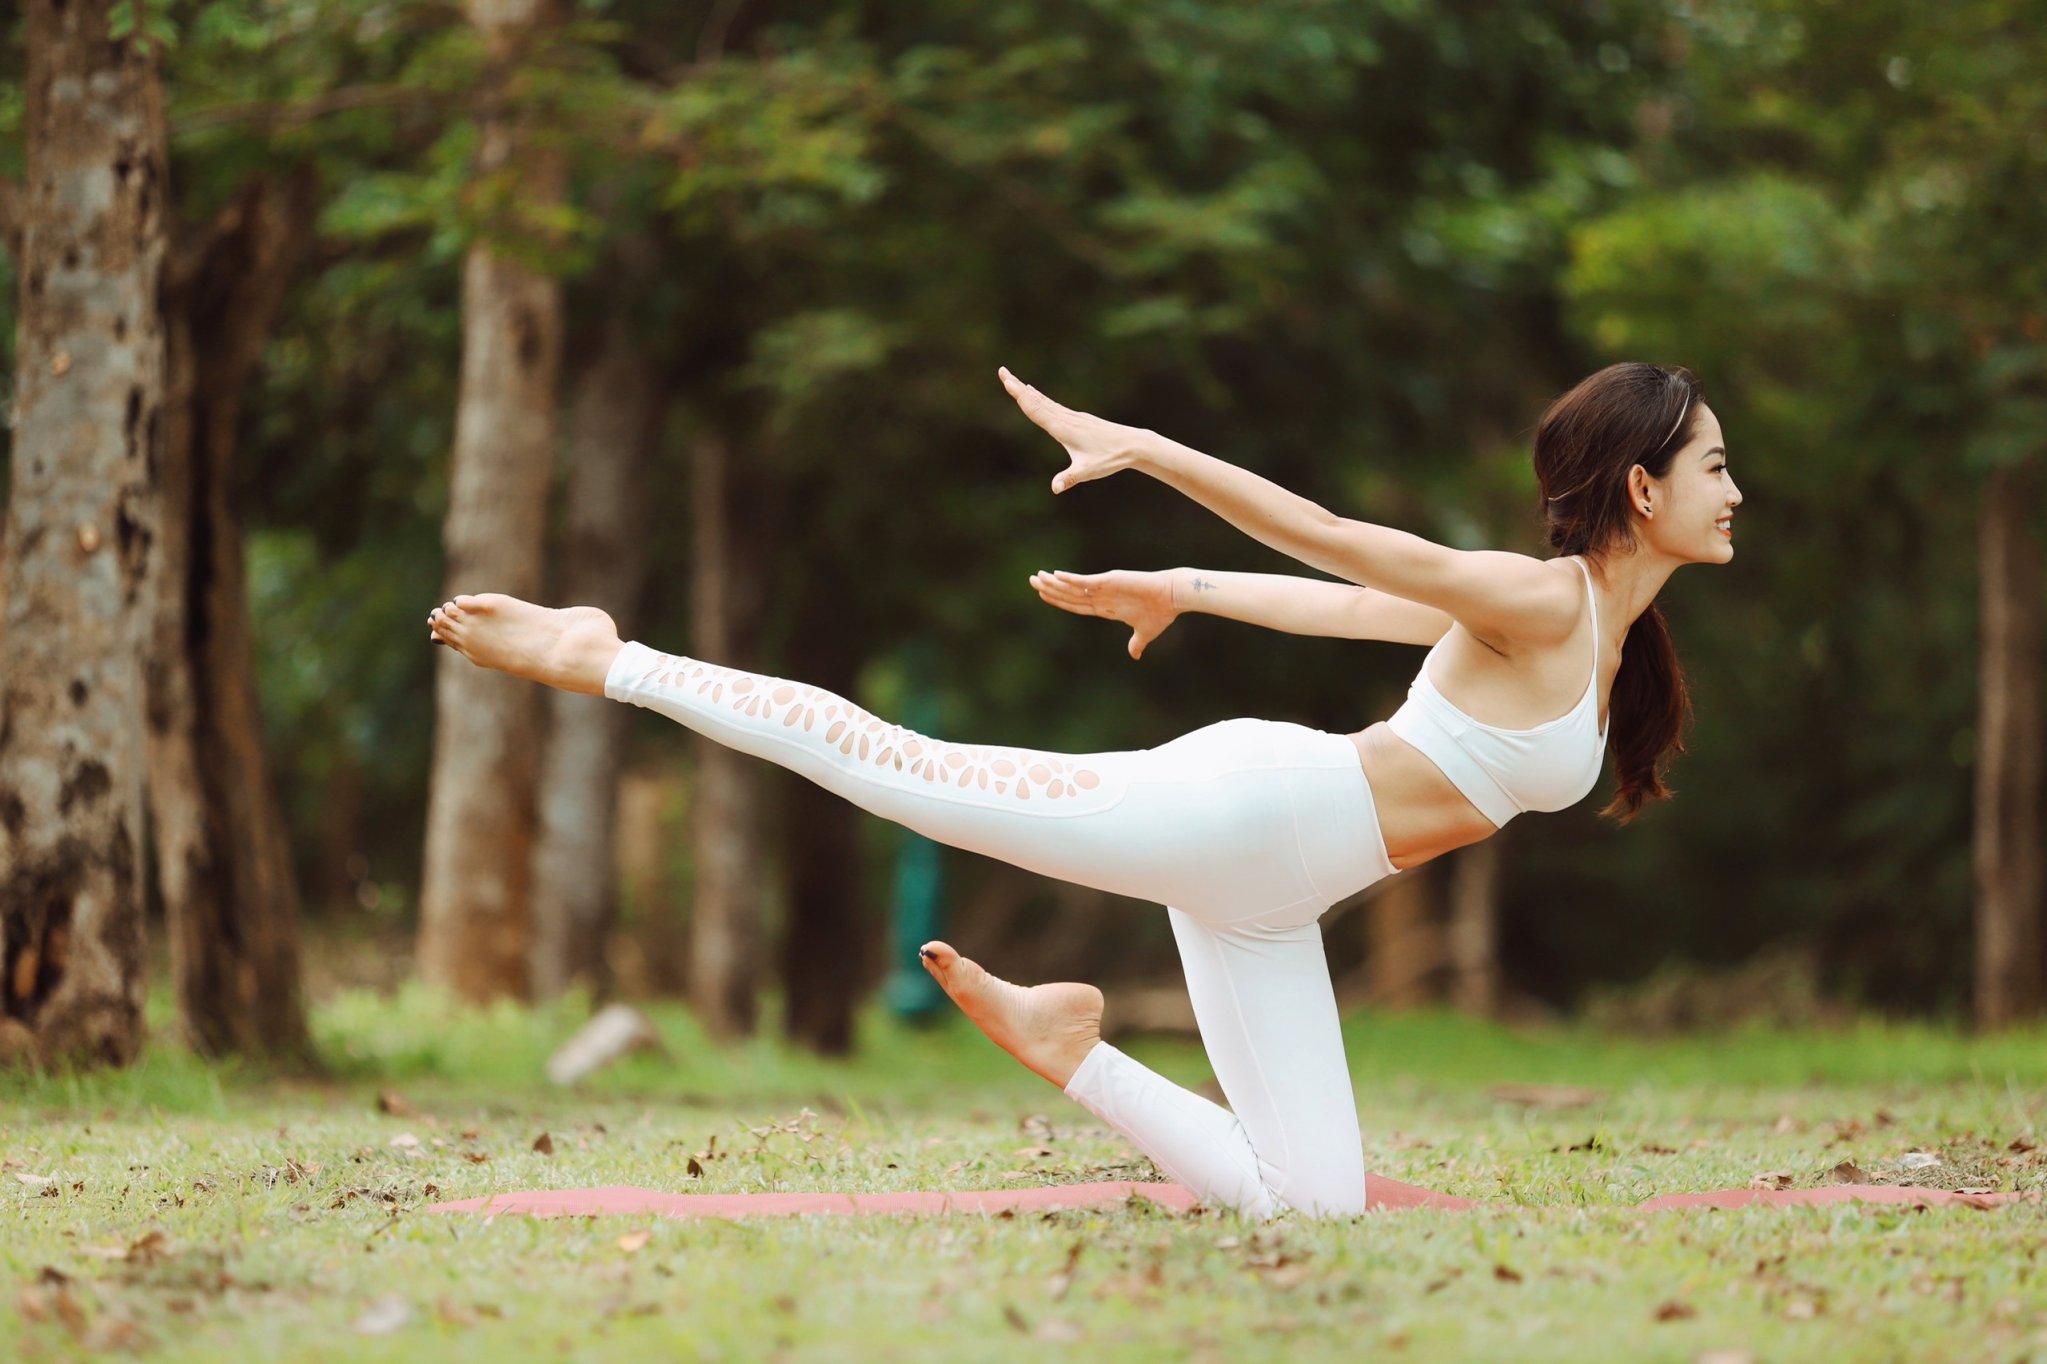 Khóa học Yoga tại quận 7 Hồ Chí Minh chất lượng